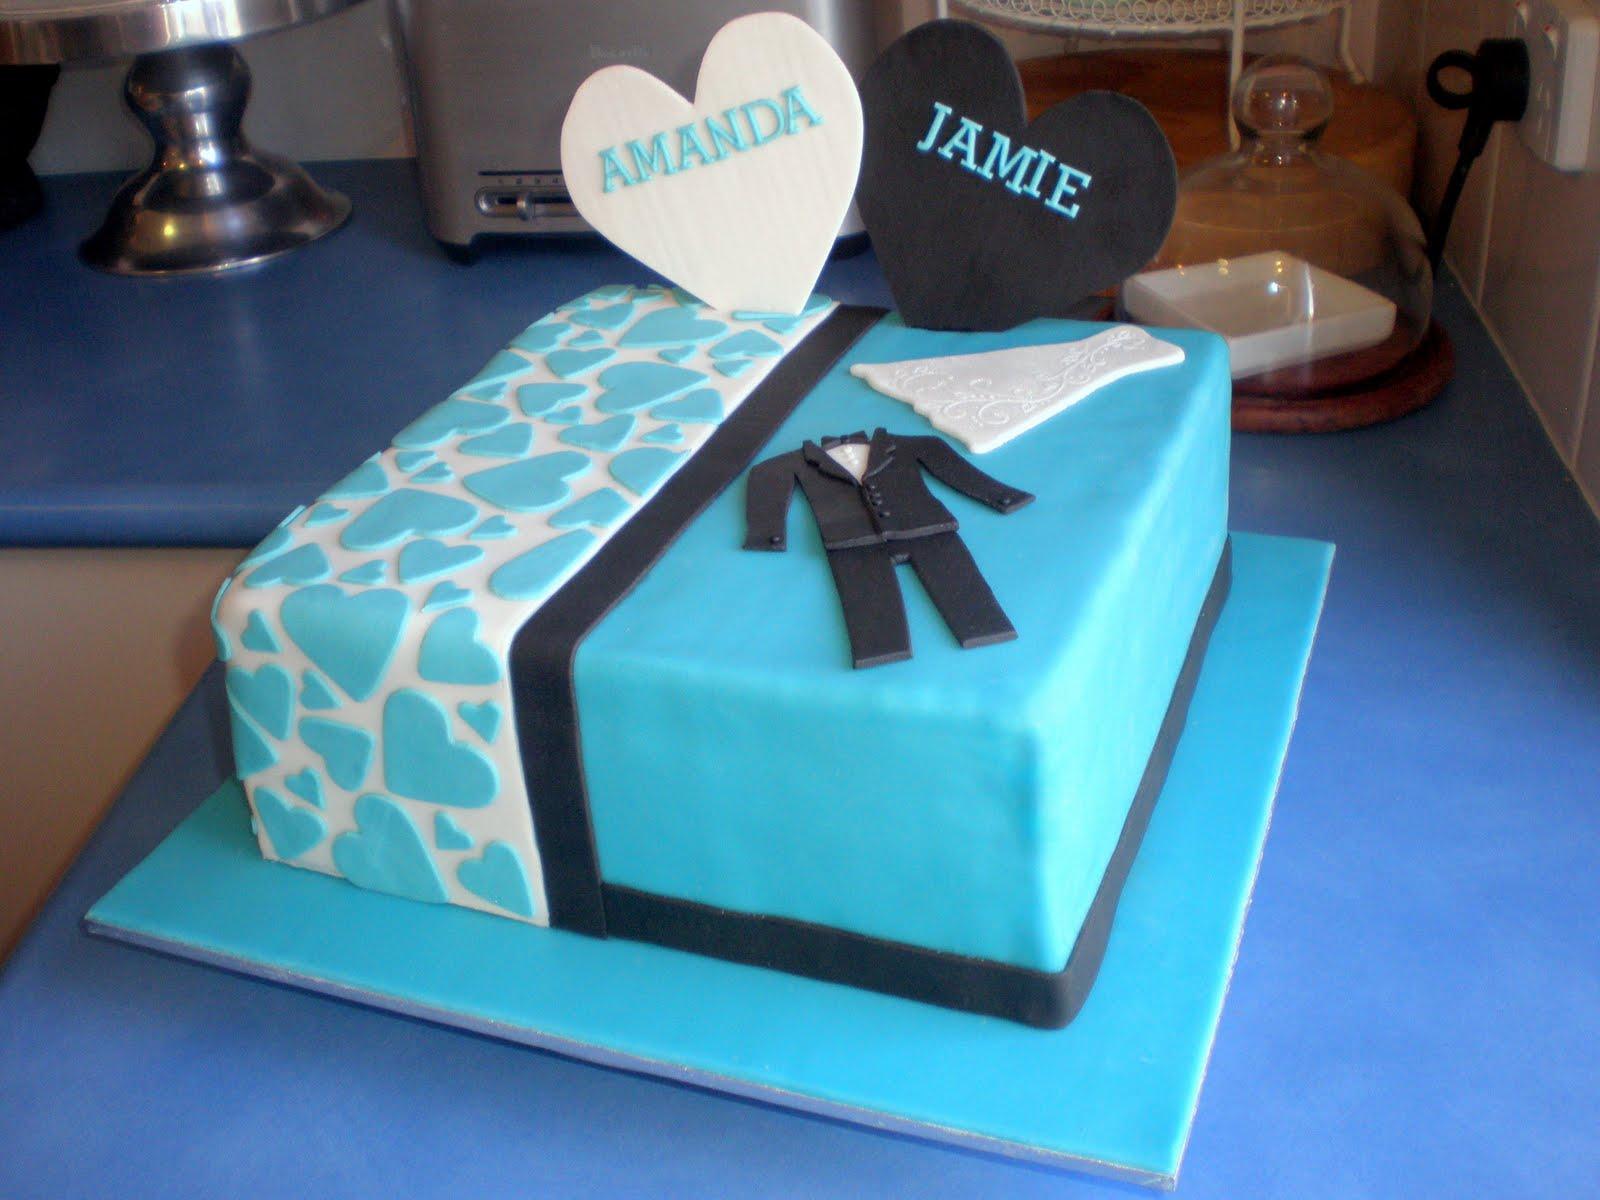 Cake Decorating Classes Near Pomona Ca : wedding %26 engagement cakes